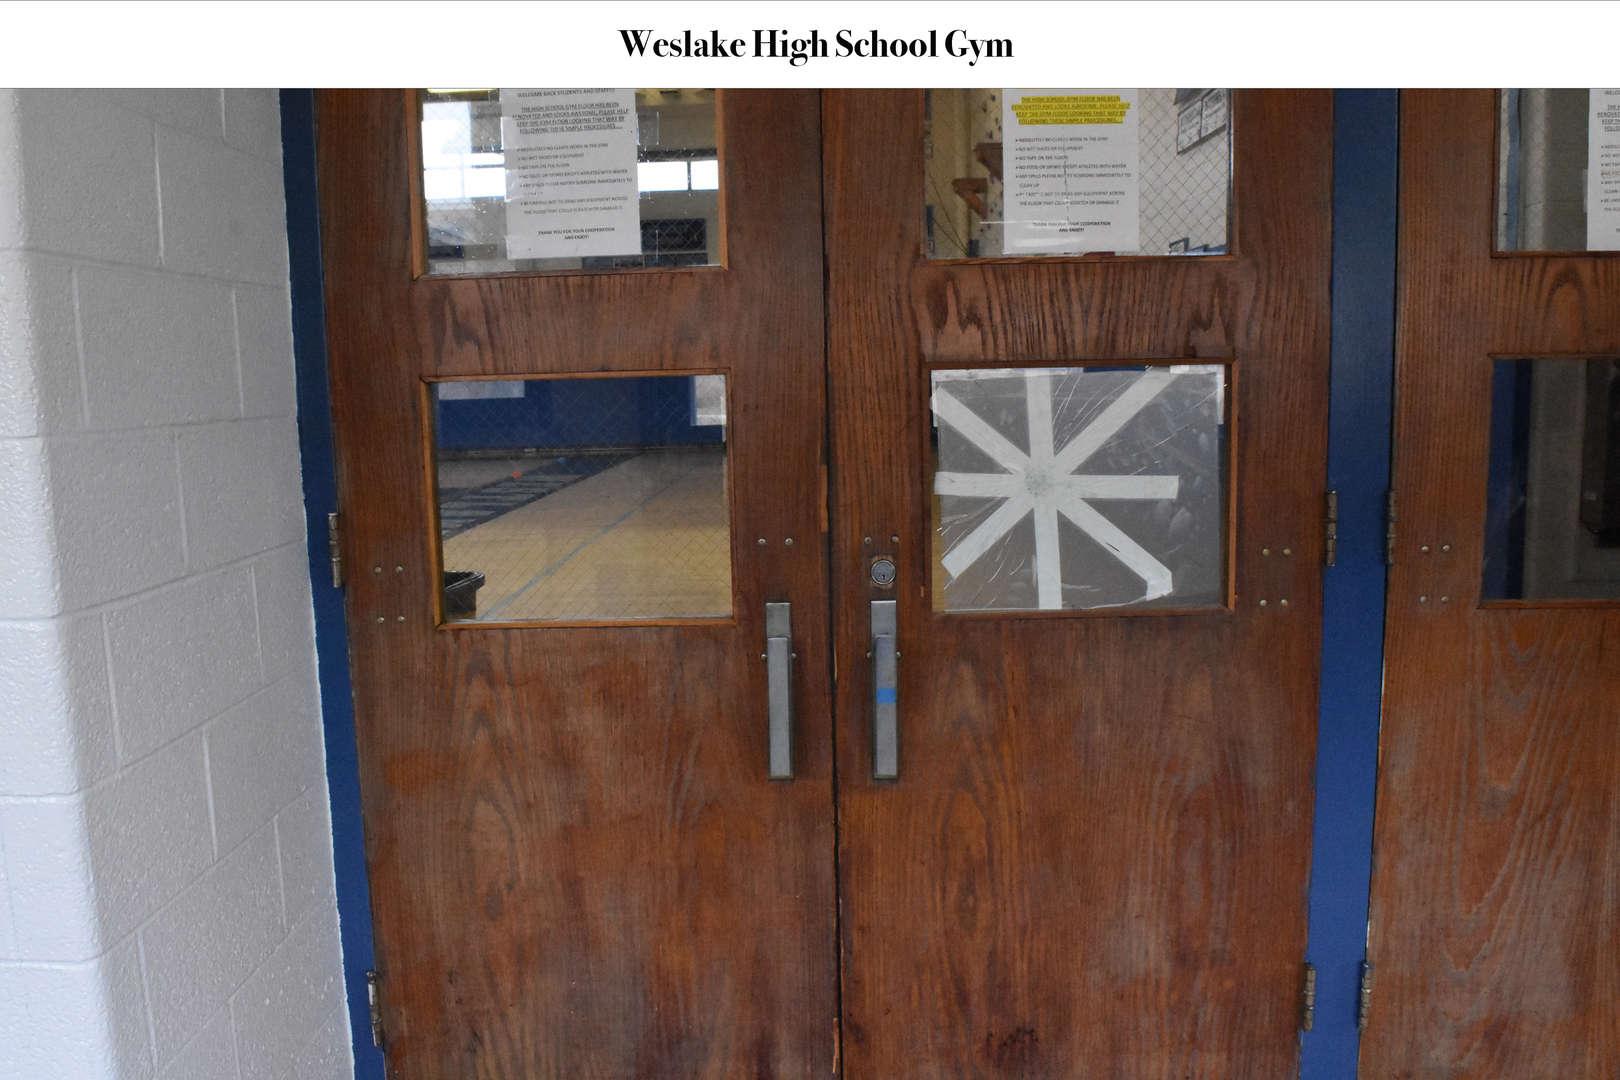 WHS Gym door with tape covering broken window